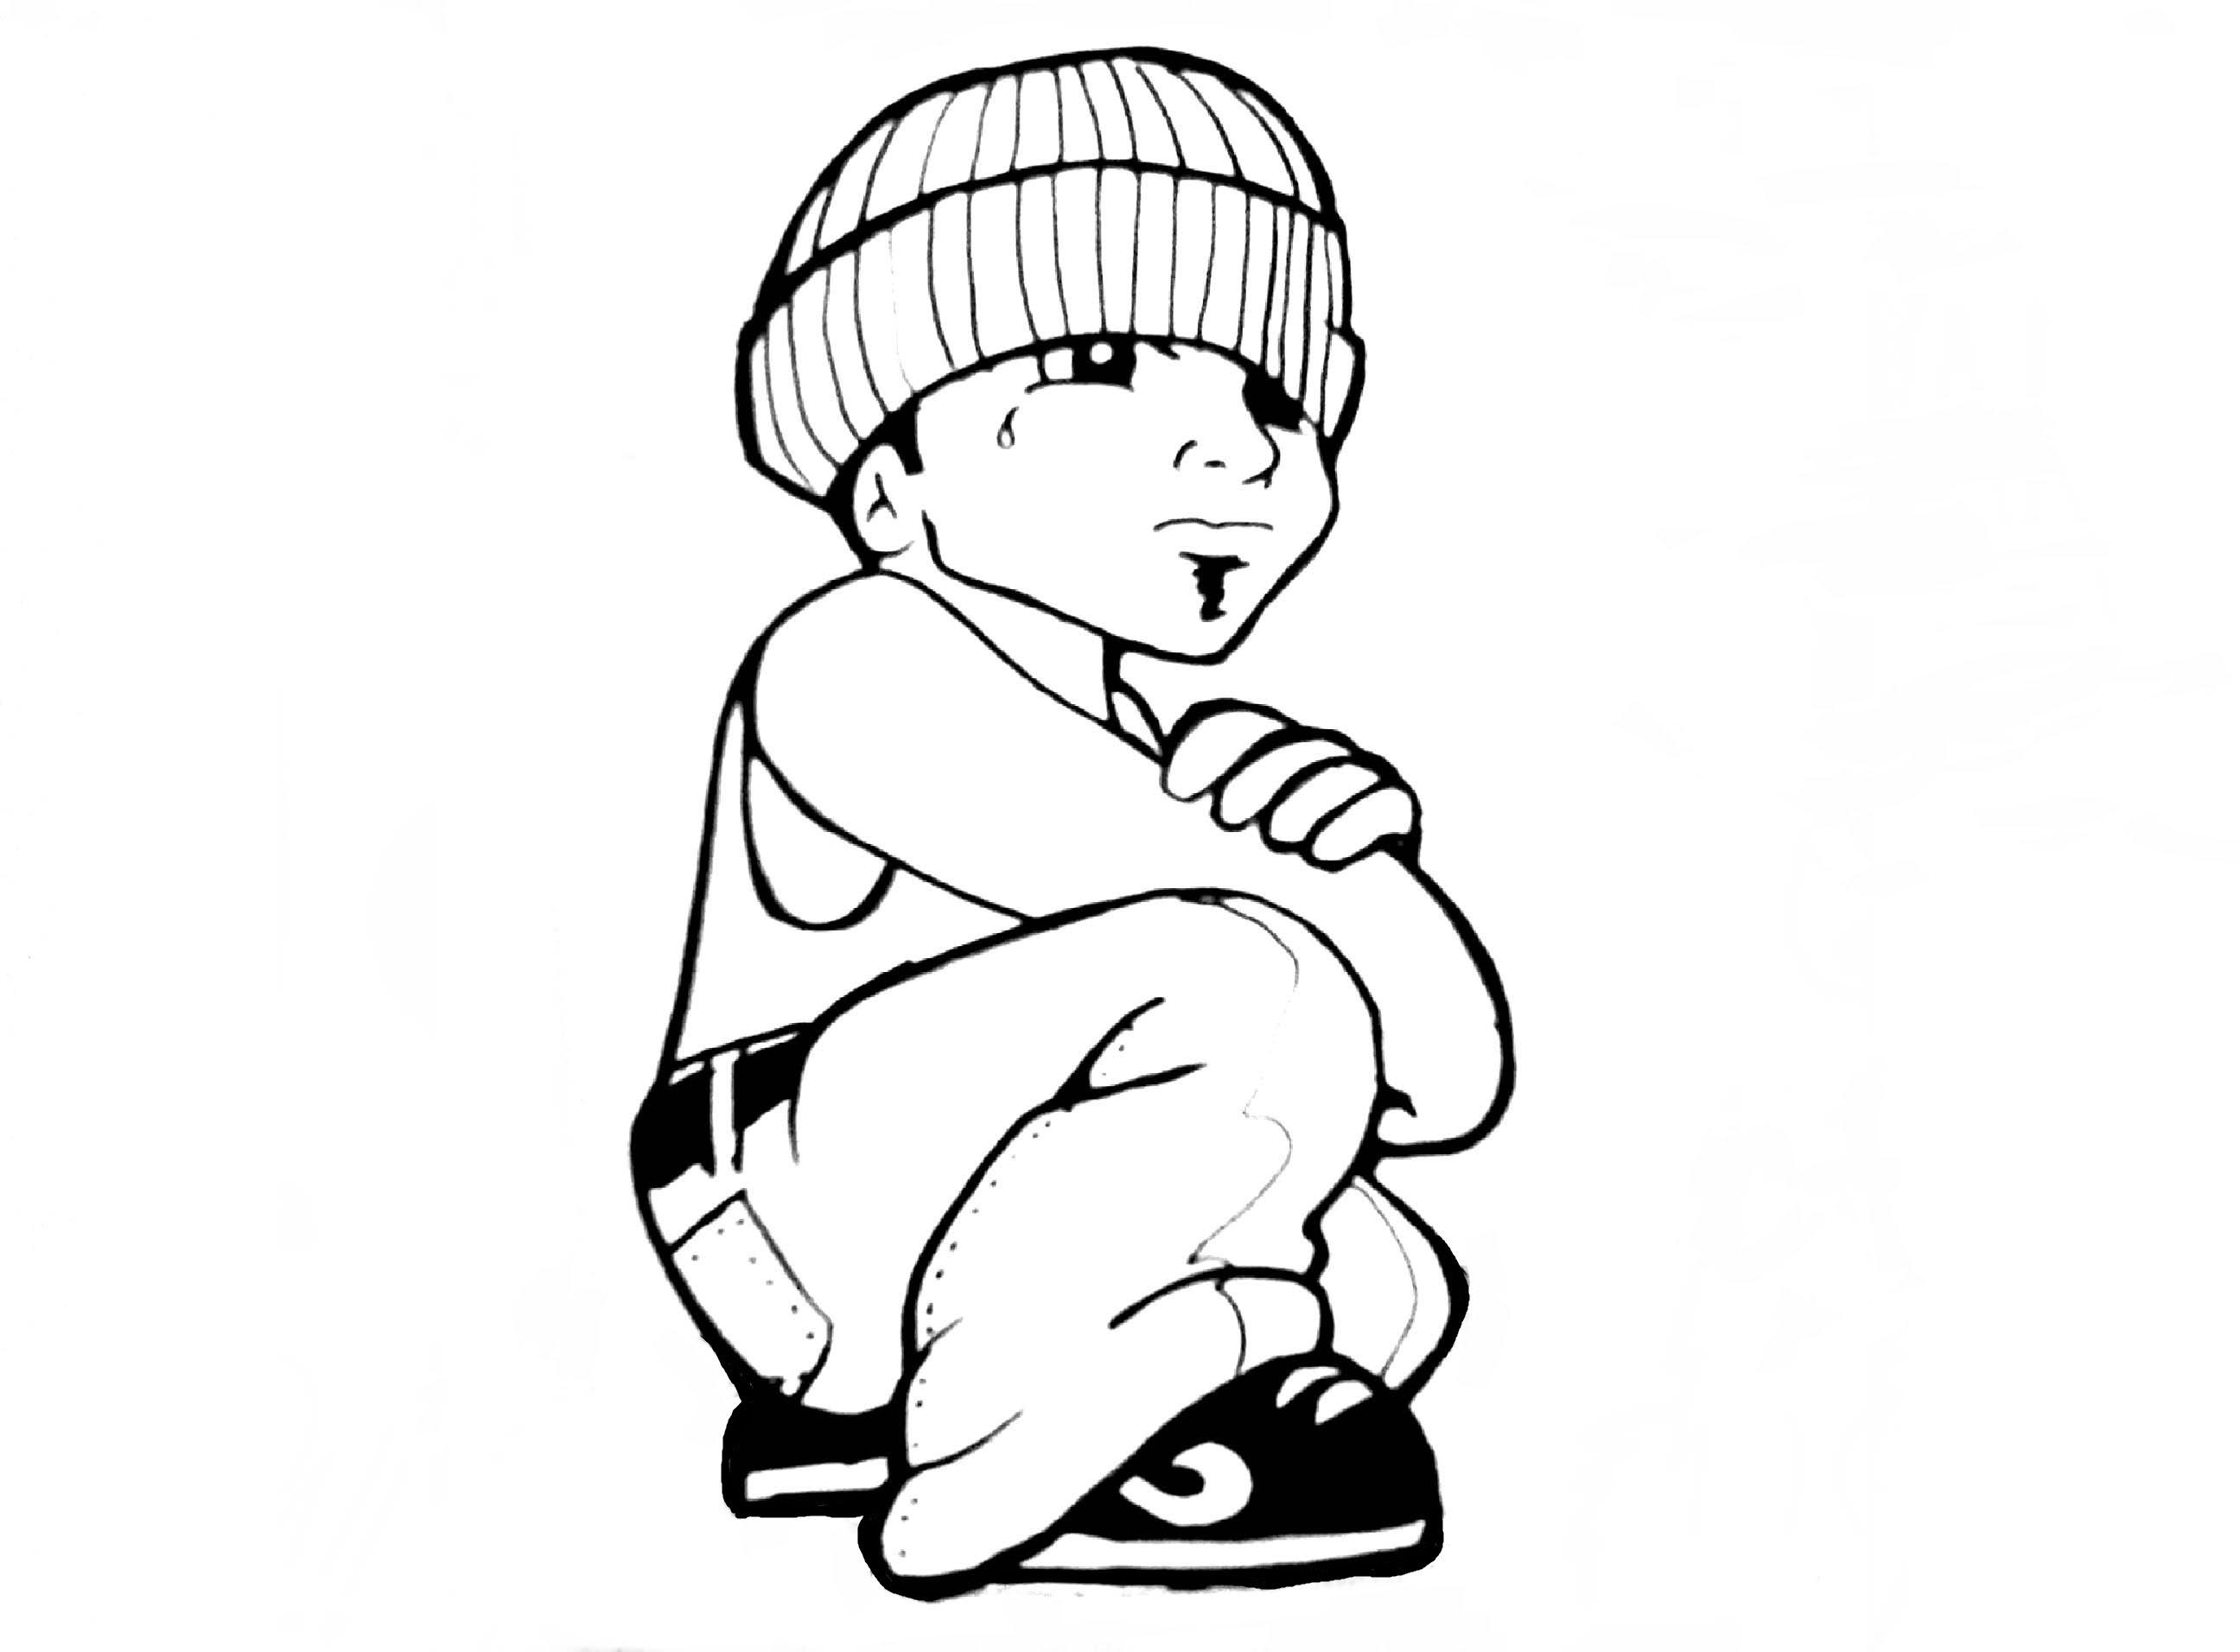 Drawings Of Graffiti Characters